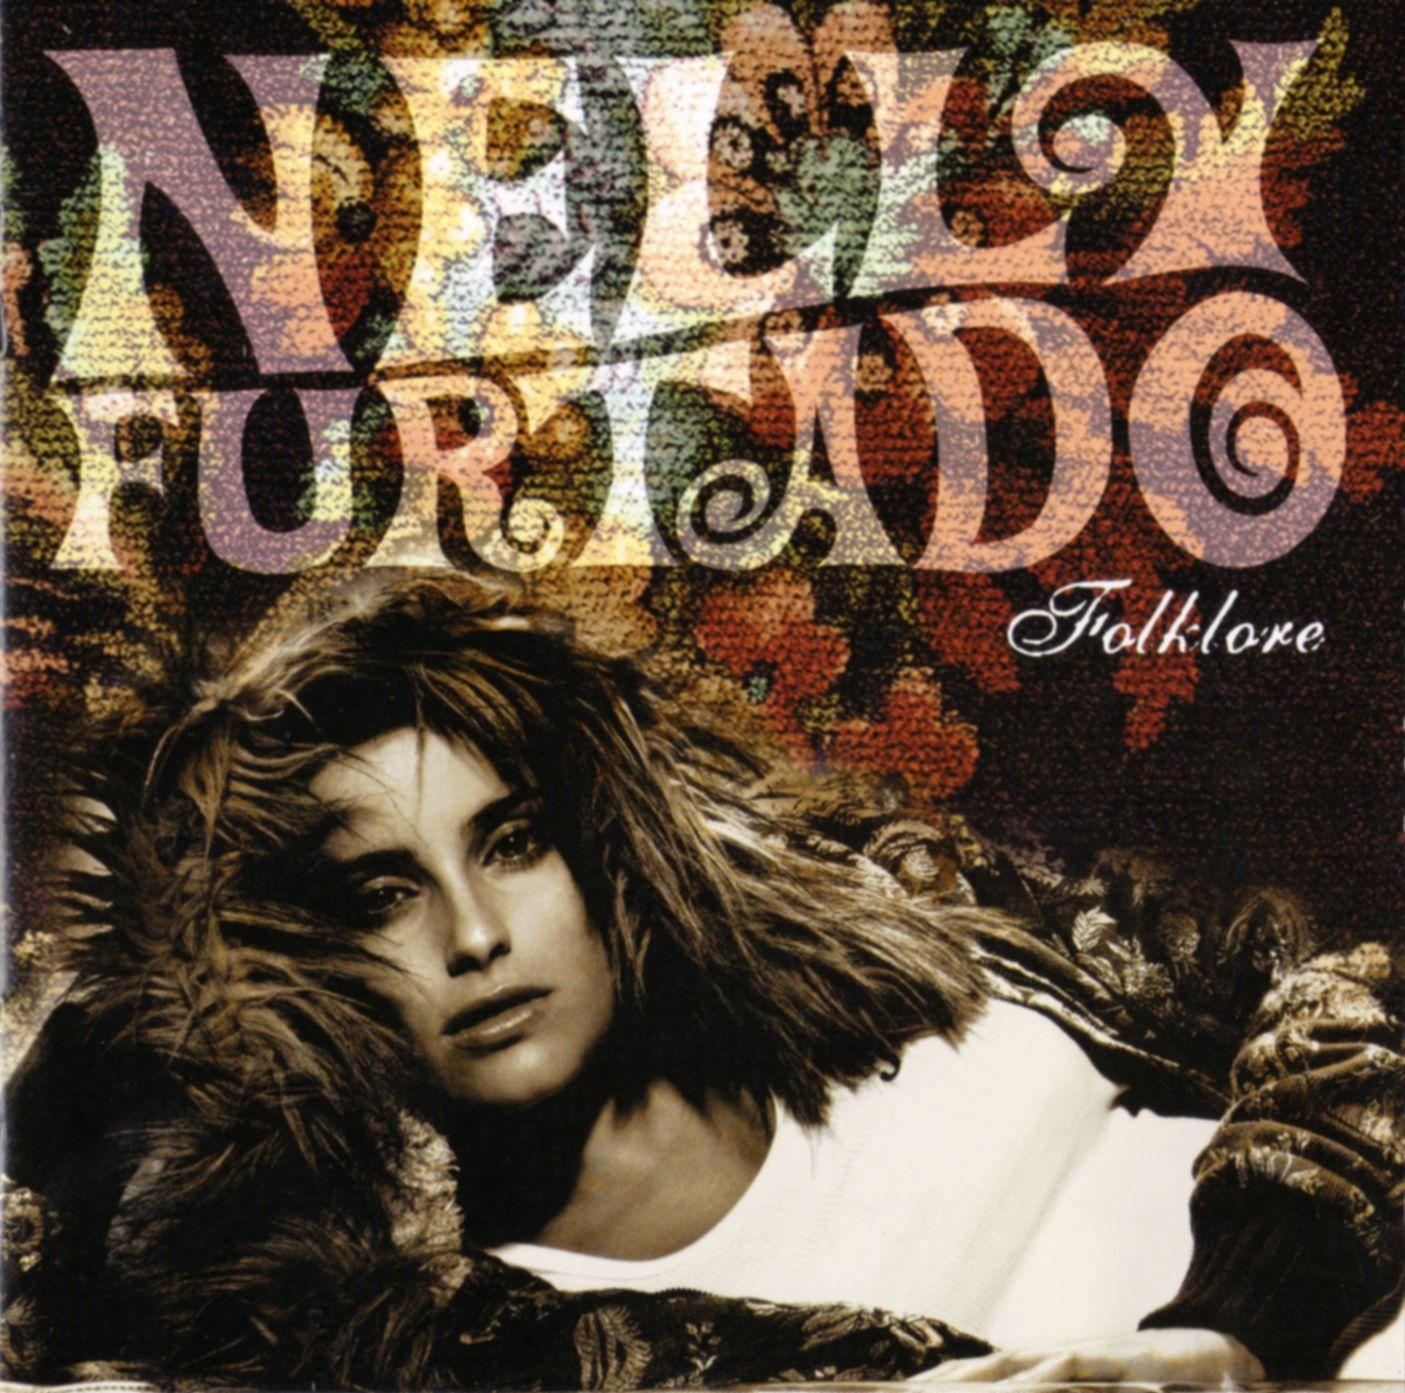 Nelly Furtado - Folklore album cover